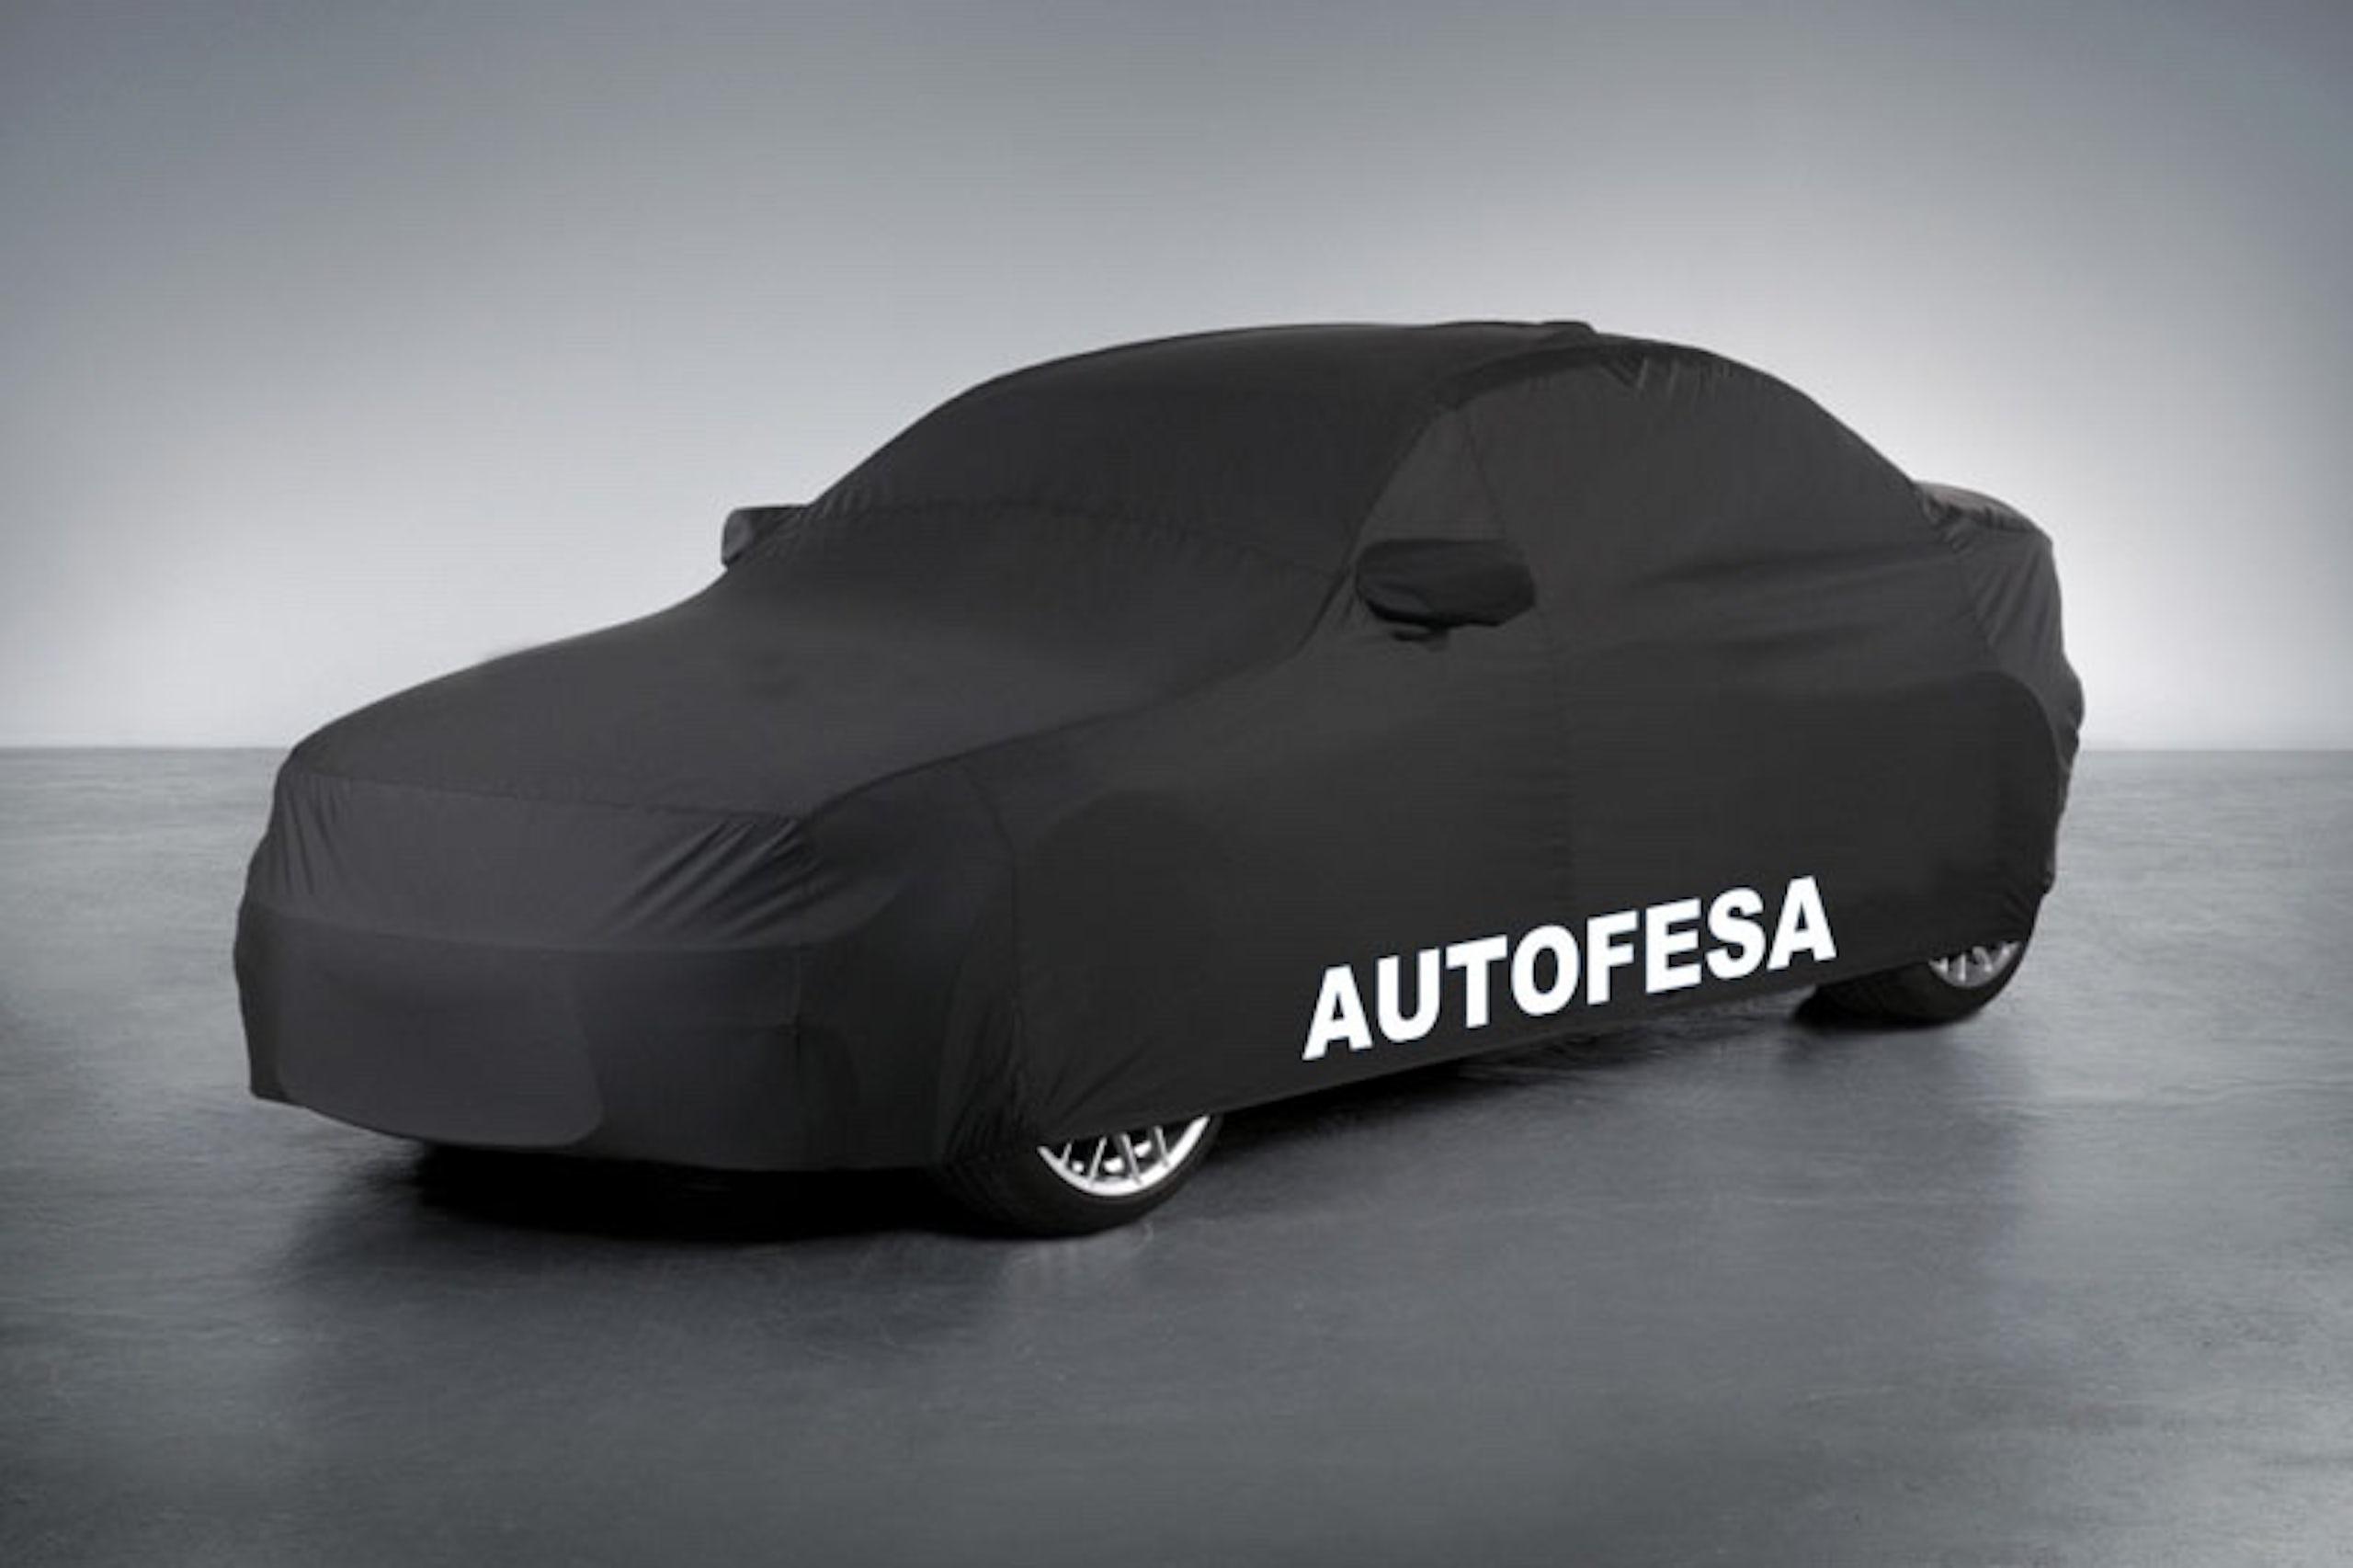 Audi Tts S Coupé 2.0 TFSI 245cv quattro S Line 3p S tronic Auto S/S - Foto 29